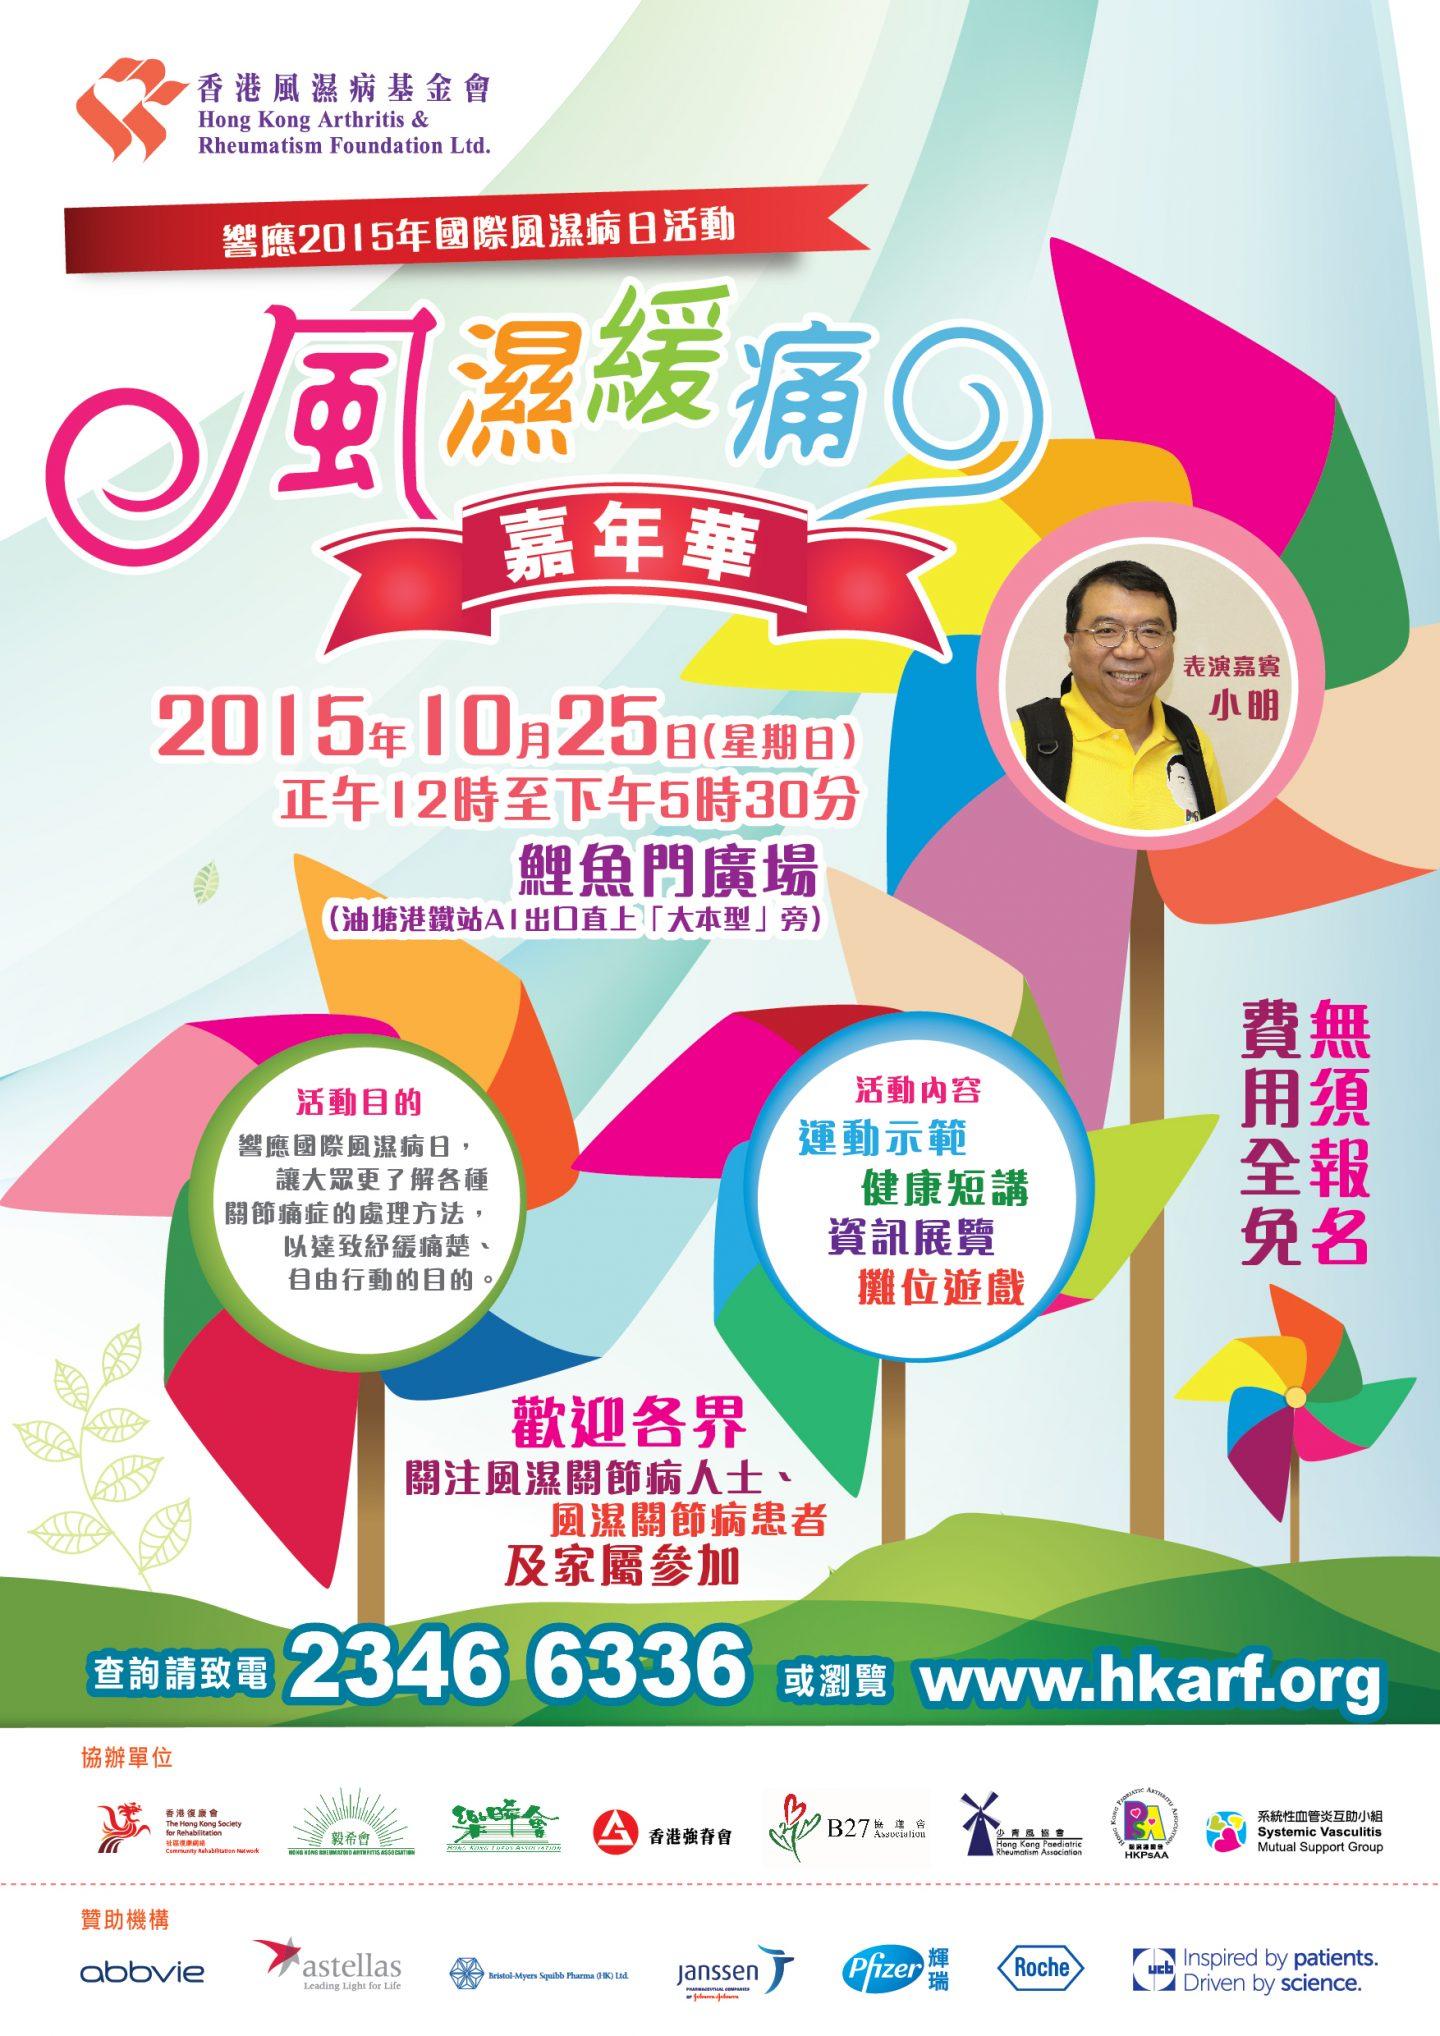 國際風濕病日2015 - 風濕緩痛嘉年華 - HKARF